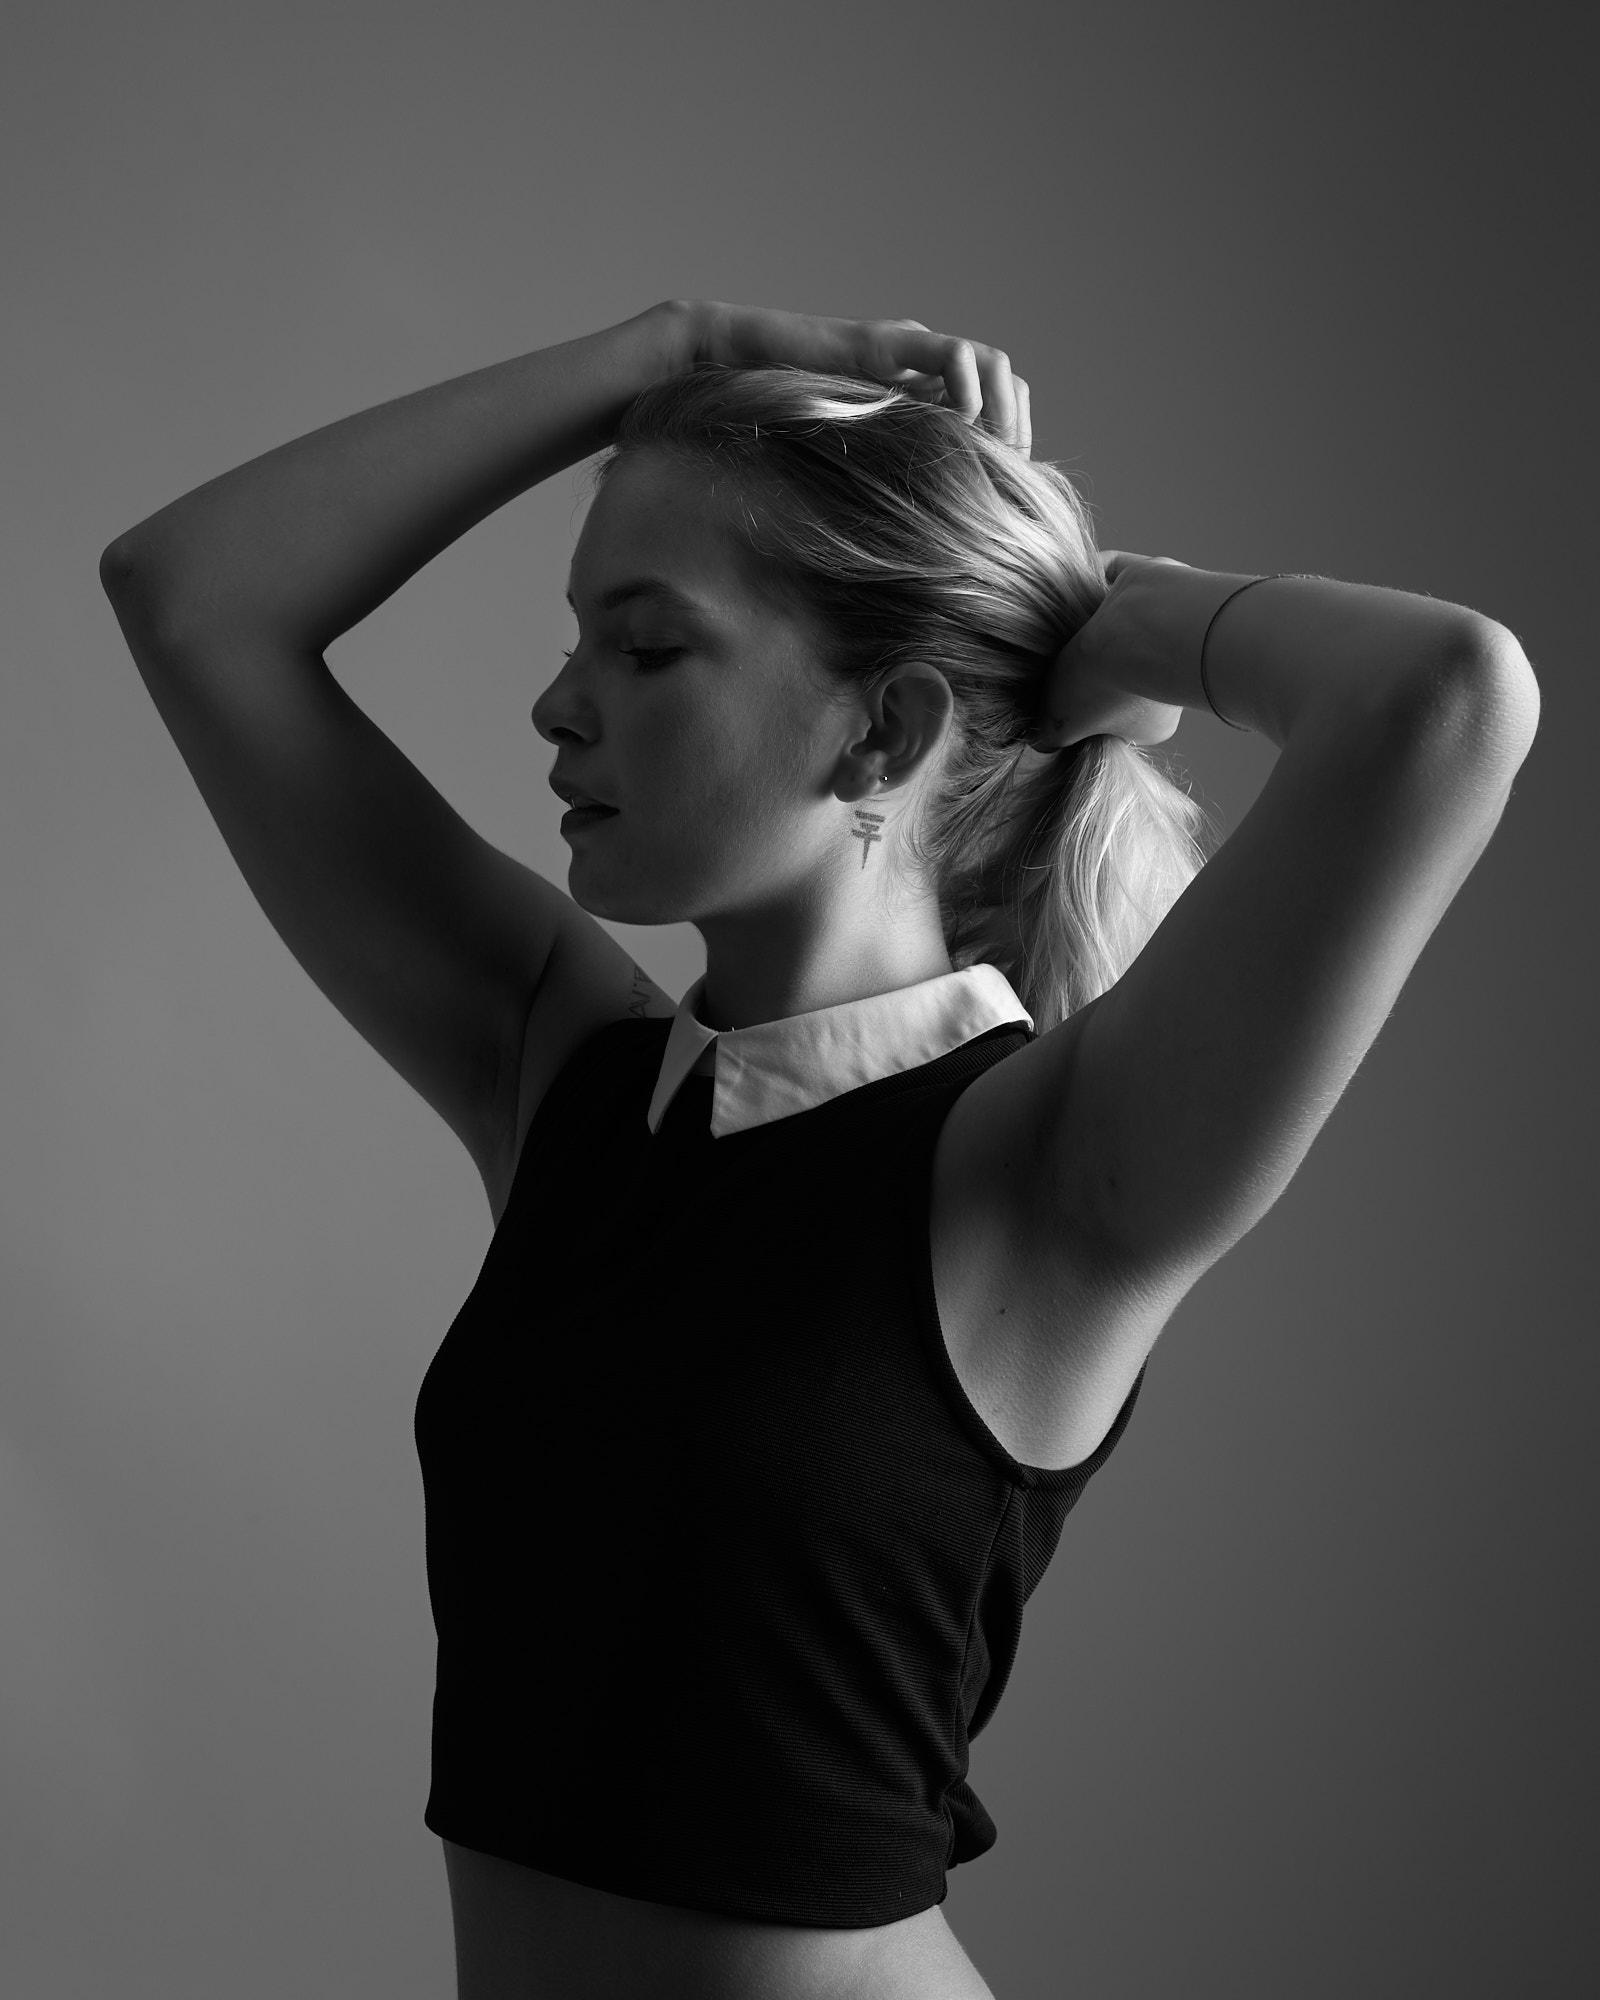 Portrait profil, noir et blanc, buste, femme